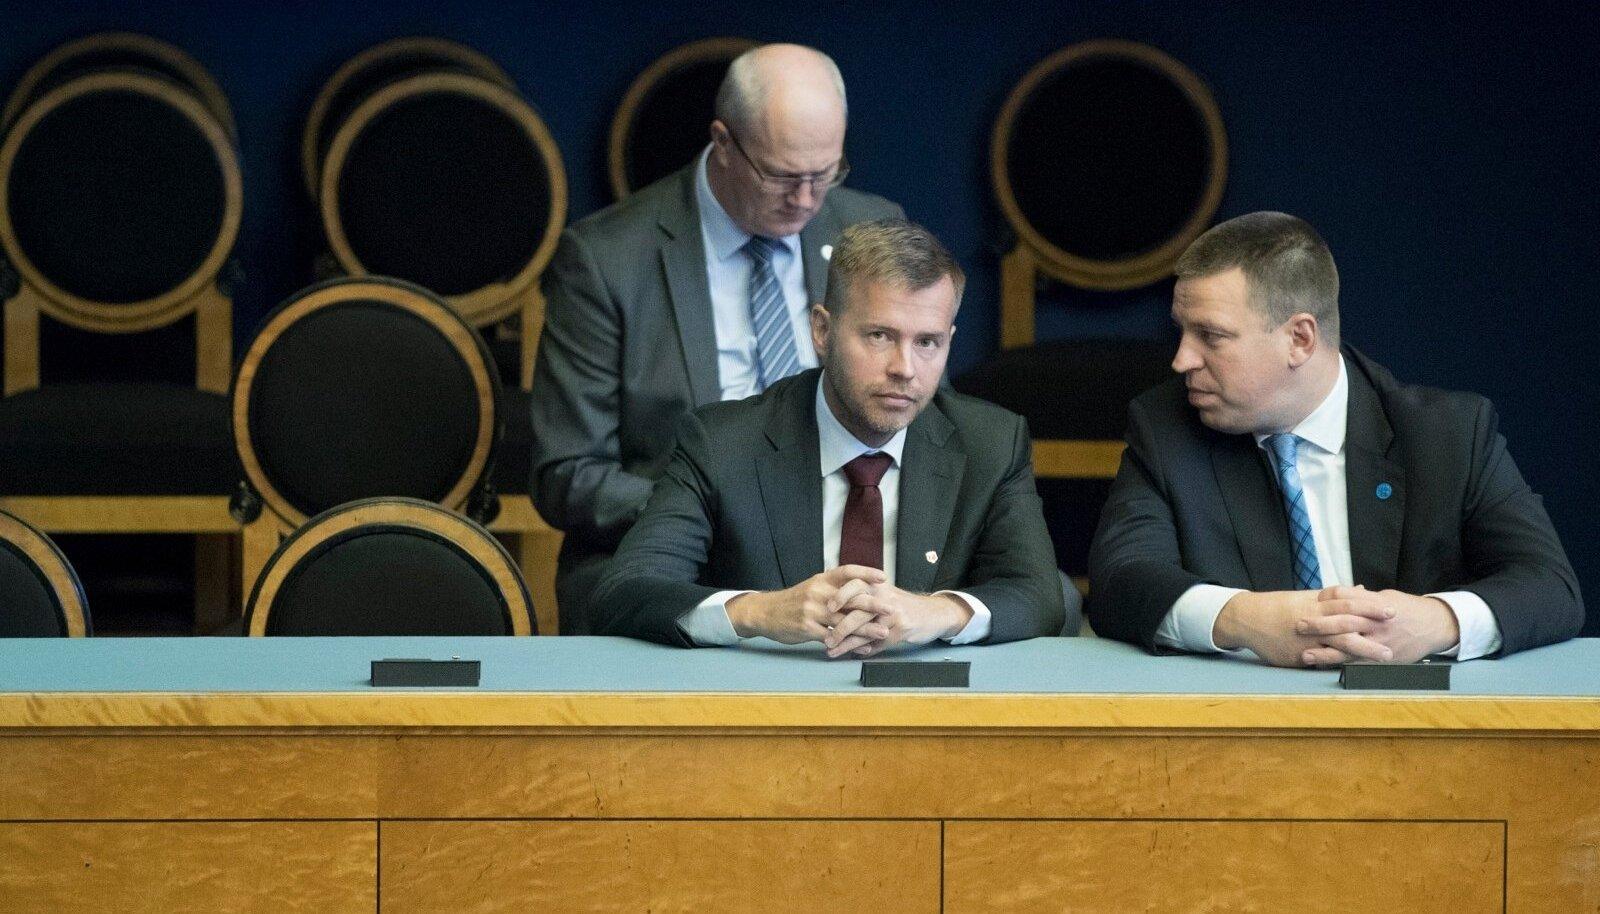 Ettevõtlus- ja infotehnoloogiaminister Rene Tammist (vasakul) koos peaminister Jüri Ratasega riigikogus